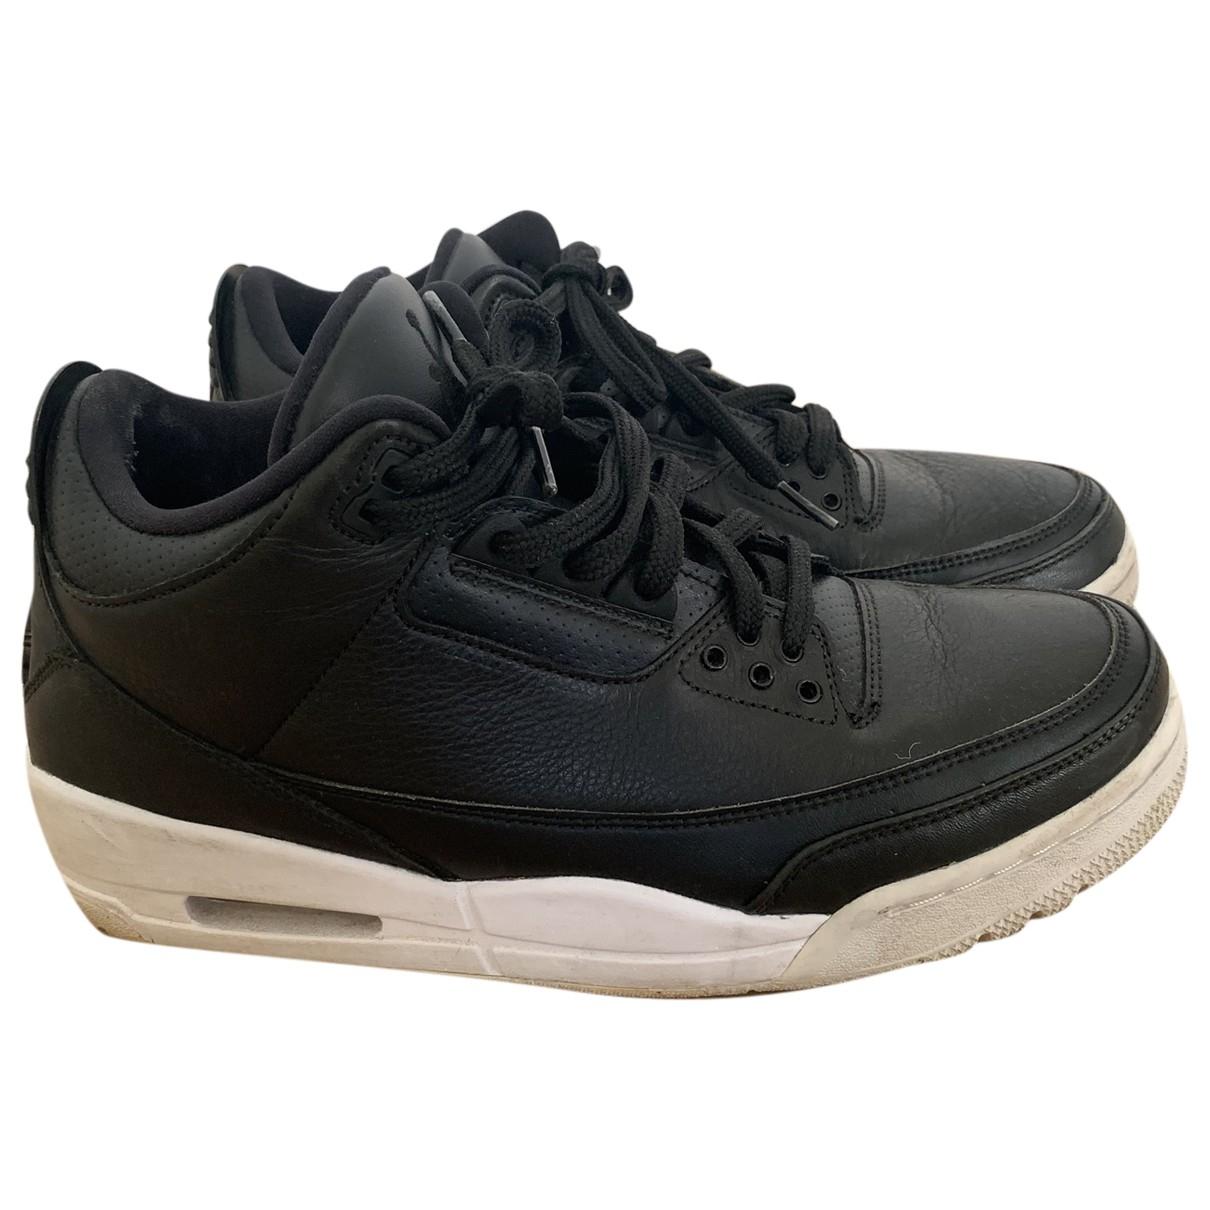 Jordan Air Jordan 4 Sneakers in  Schwarz Leder